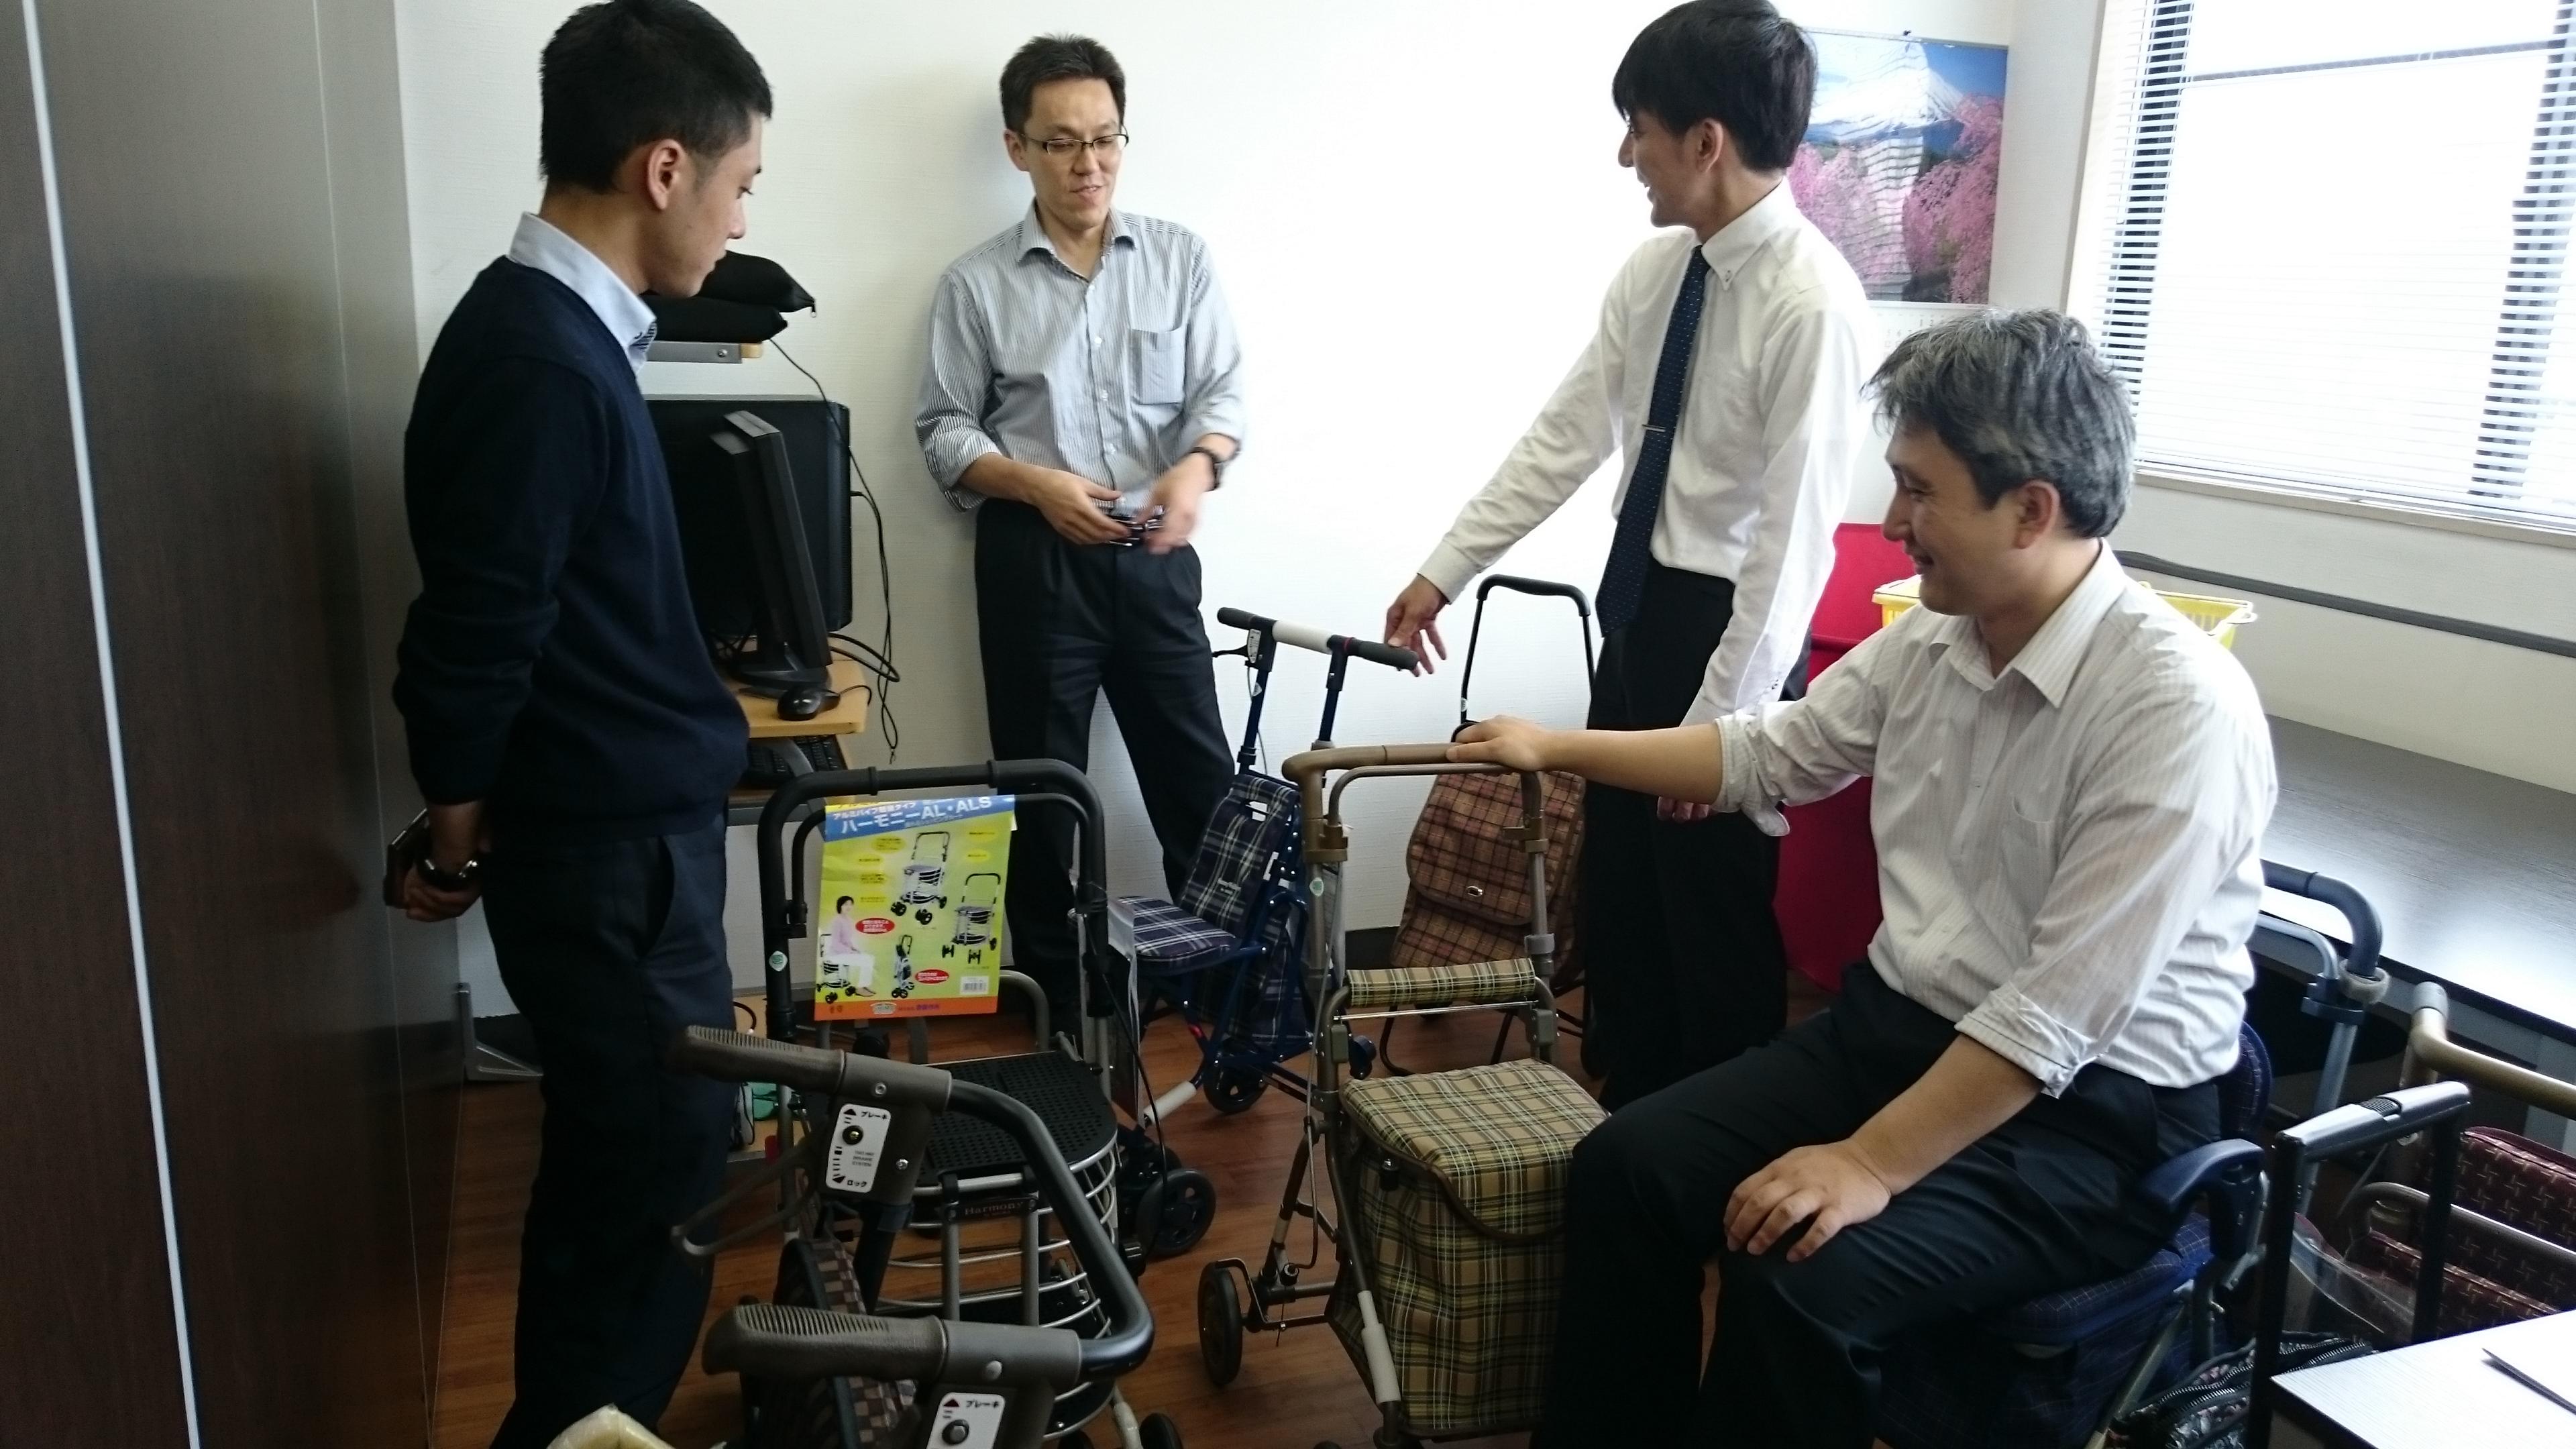 大手シルバーカーメーカー 島製作所さんの参加・協力決定!